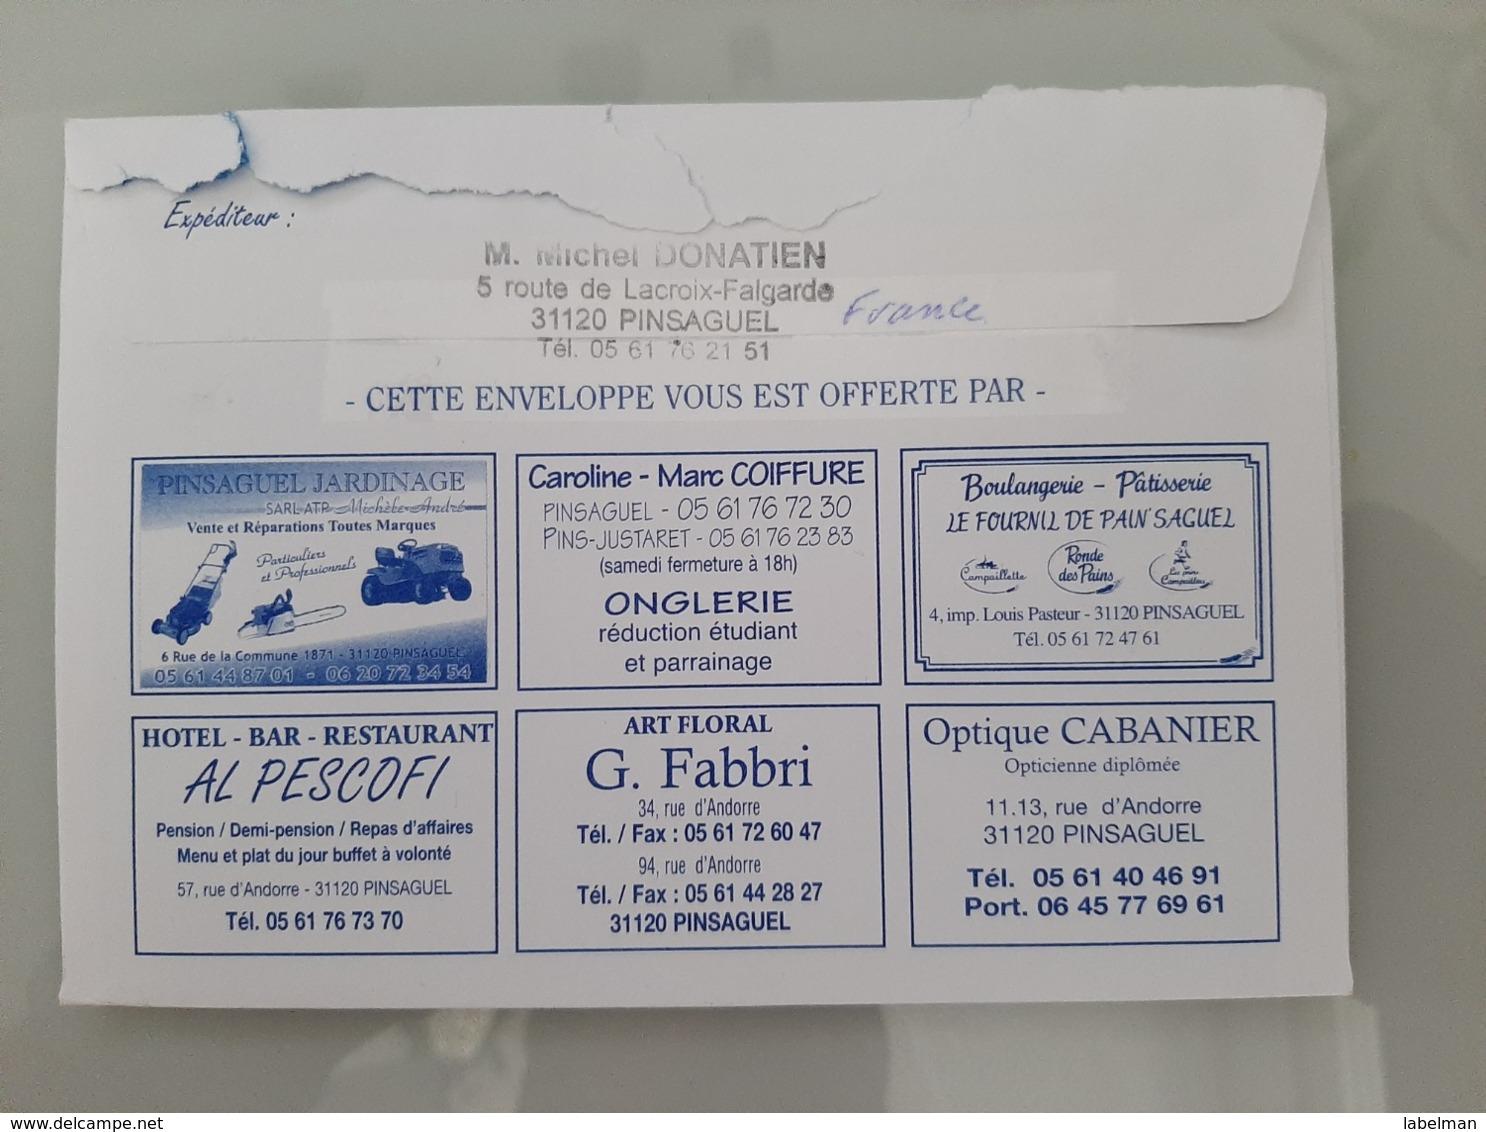 PINSAGUEL GARONNE BOURSE TOUTES COLLECTIONS TOULOUSE FRANCE ENVELOPE LETTER AIRMAIL STAMP CACHET - Etiketten Van Hotels